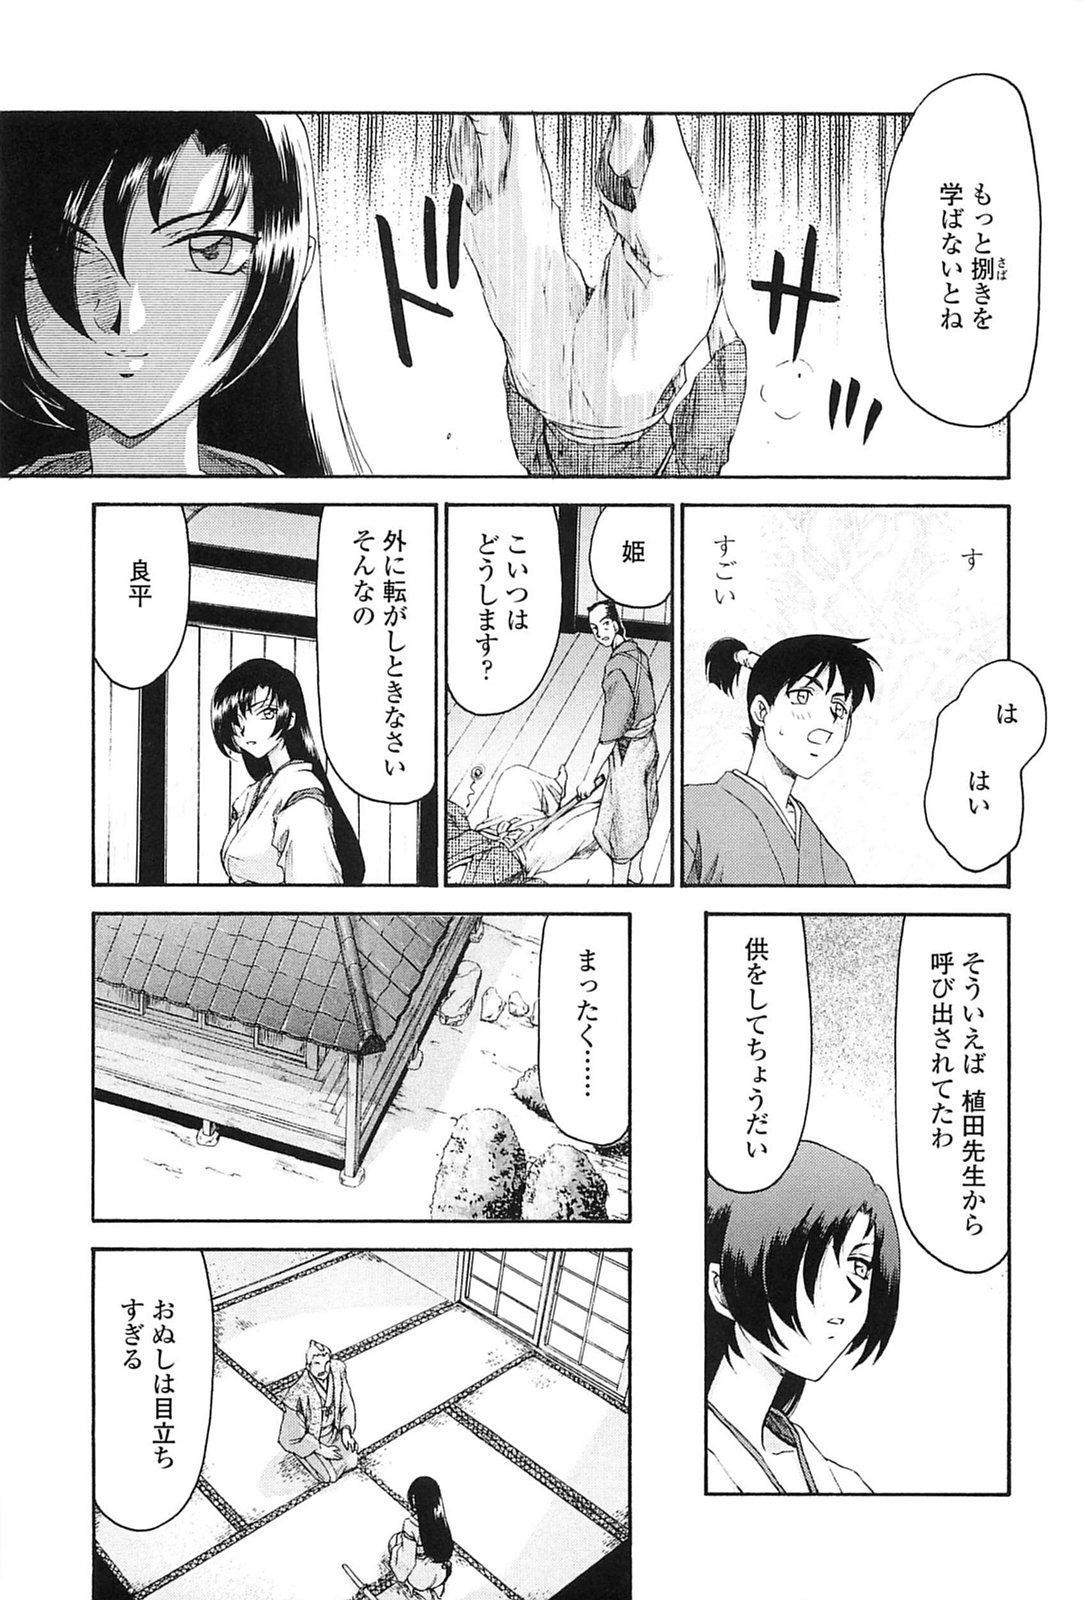 Ruriiro no Hana 7